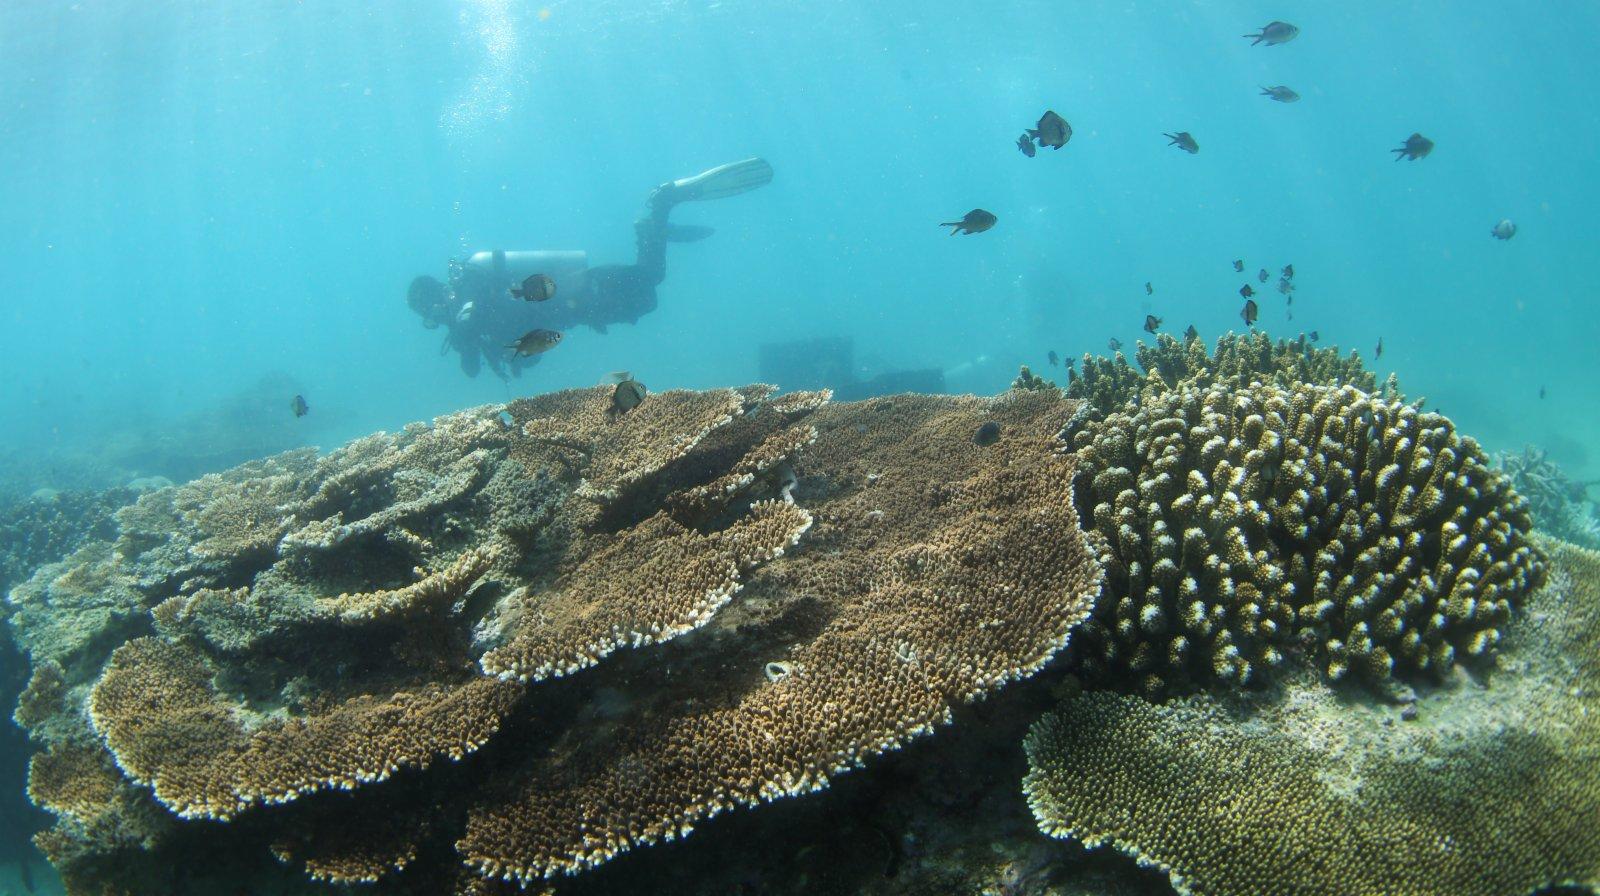 在分界洲島海域,潛水員查看海底珊瑚生長情況。(新華社)